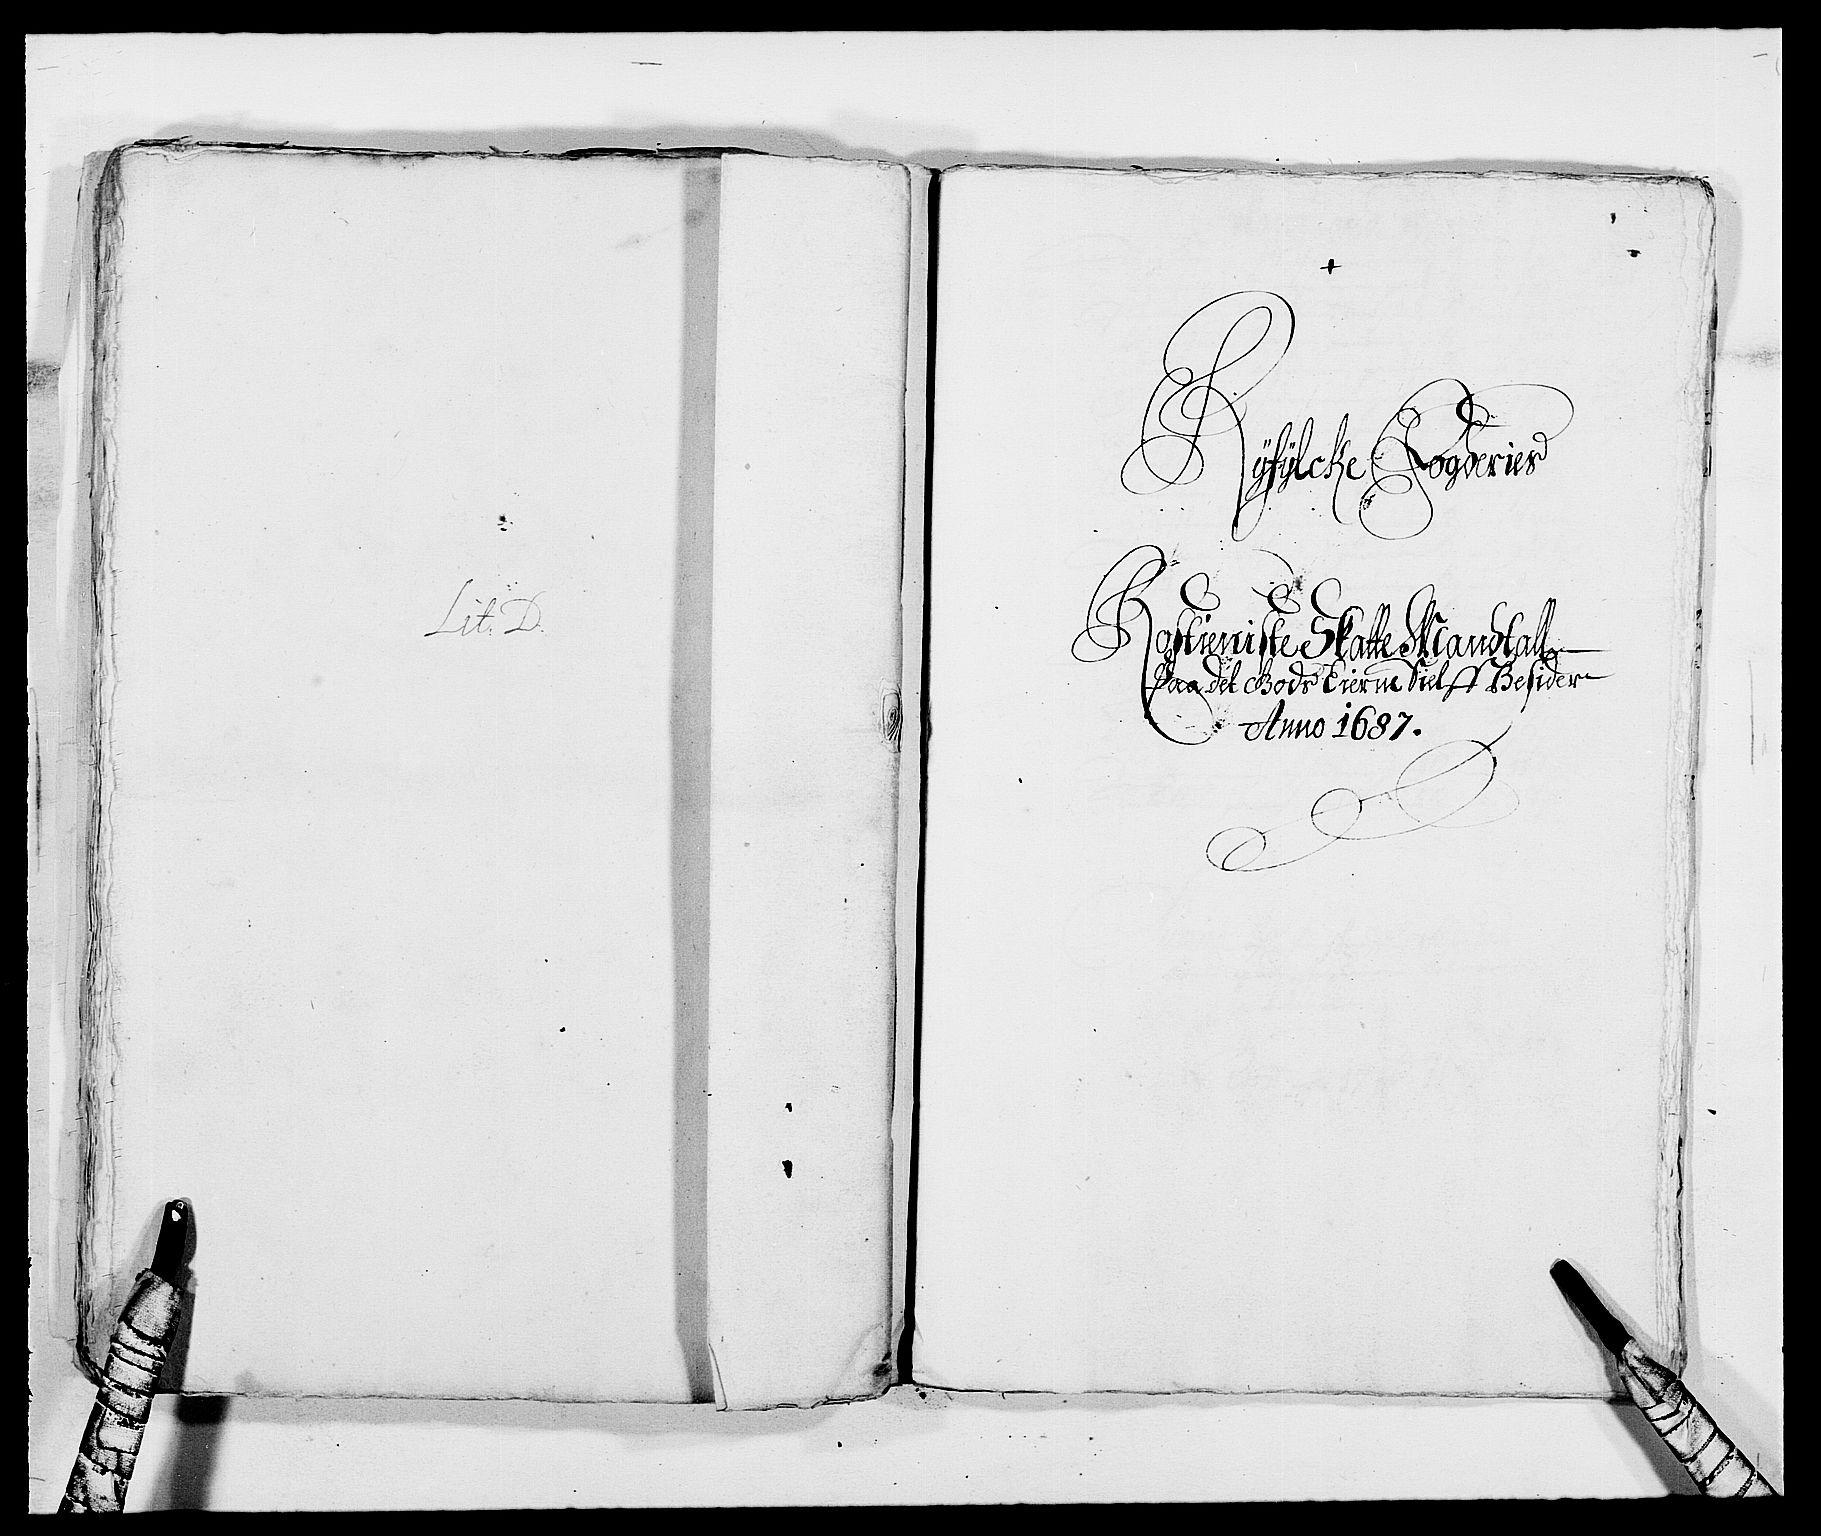 RA, Rentekammeret inntil 1814, Reviderte regnskaper, Fogderegnskap, R47/L2855: Fogderegnskap Ryfylke, 1685-1688, s. 272